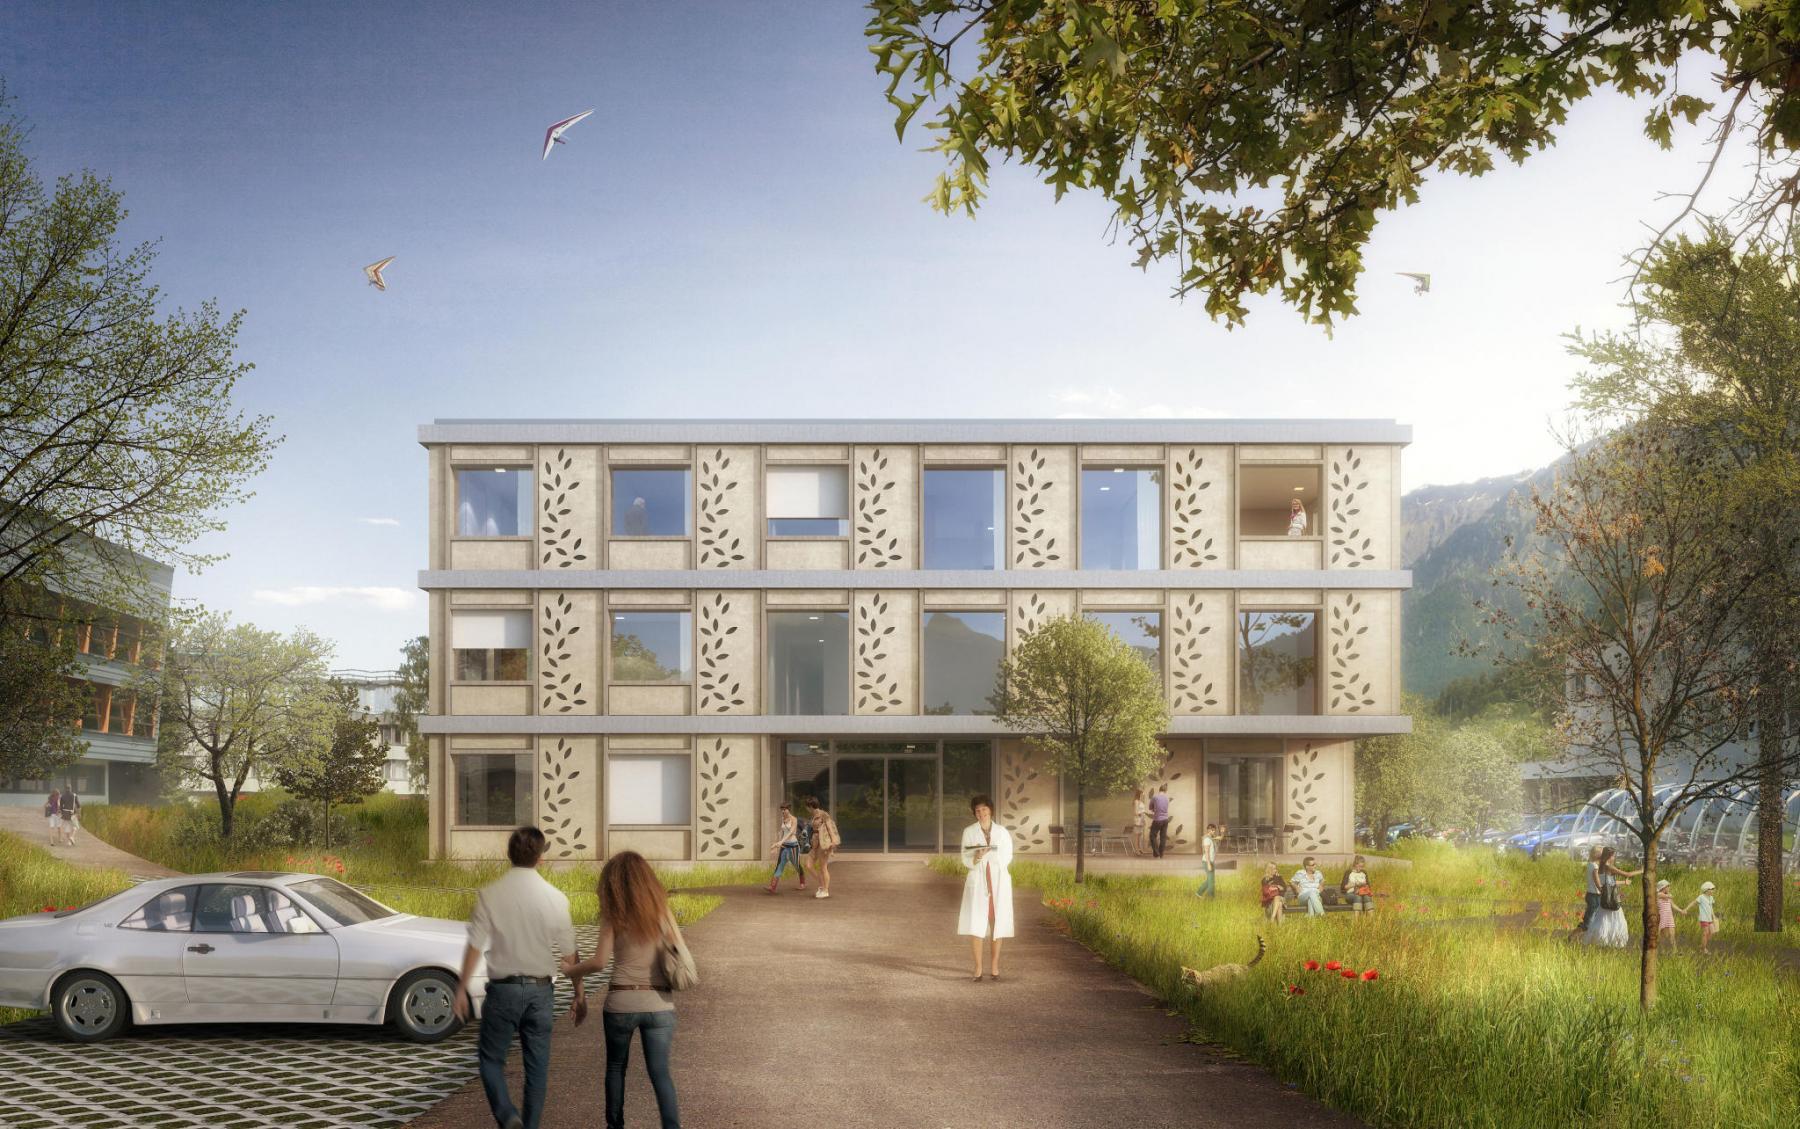 Neubau Heim der Stiftung Helsenberg für 34 psychisch beeinträchtigte Personen in Unterseen - HIBISKUS MJ2B Architekten